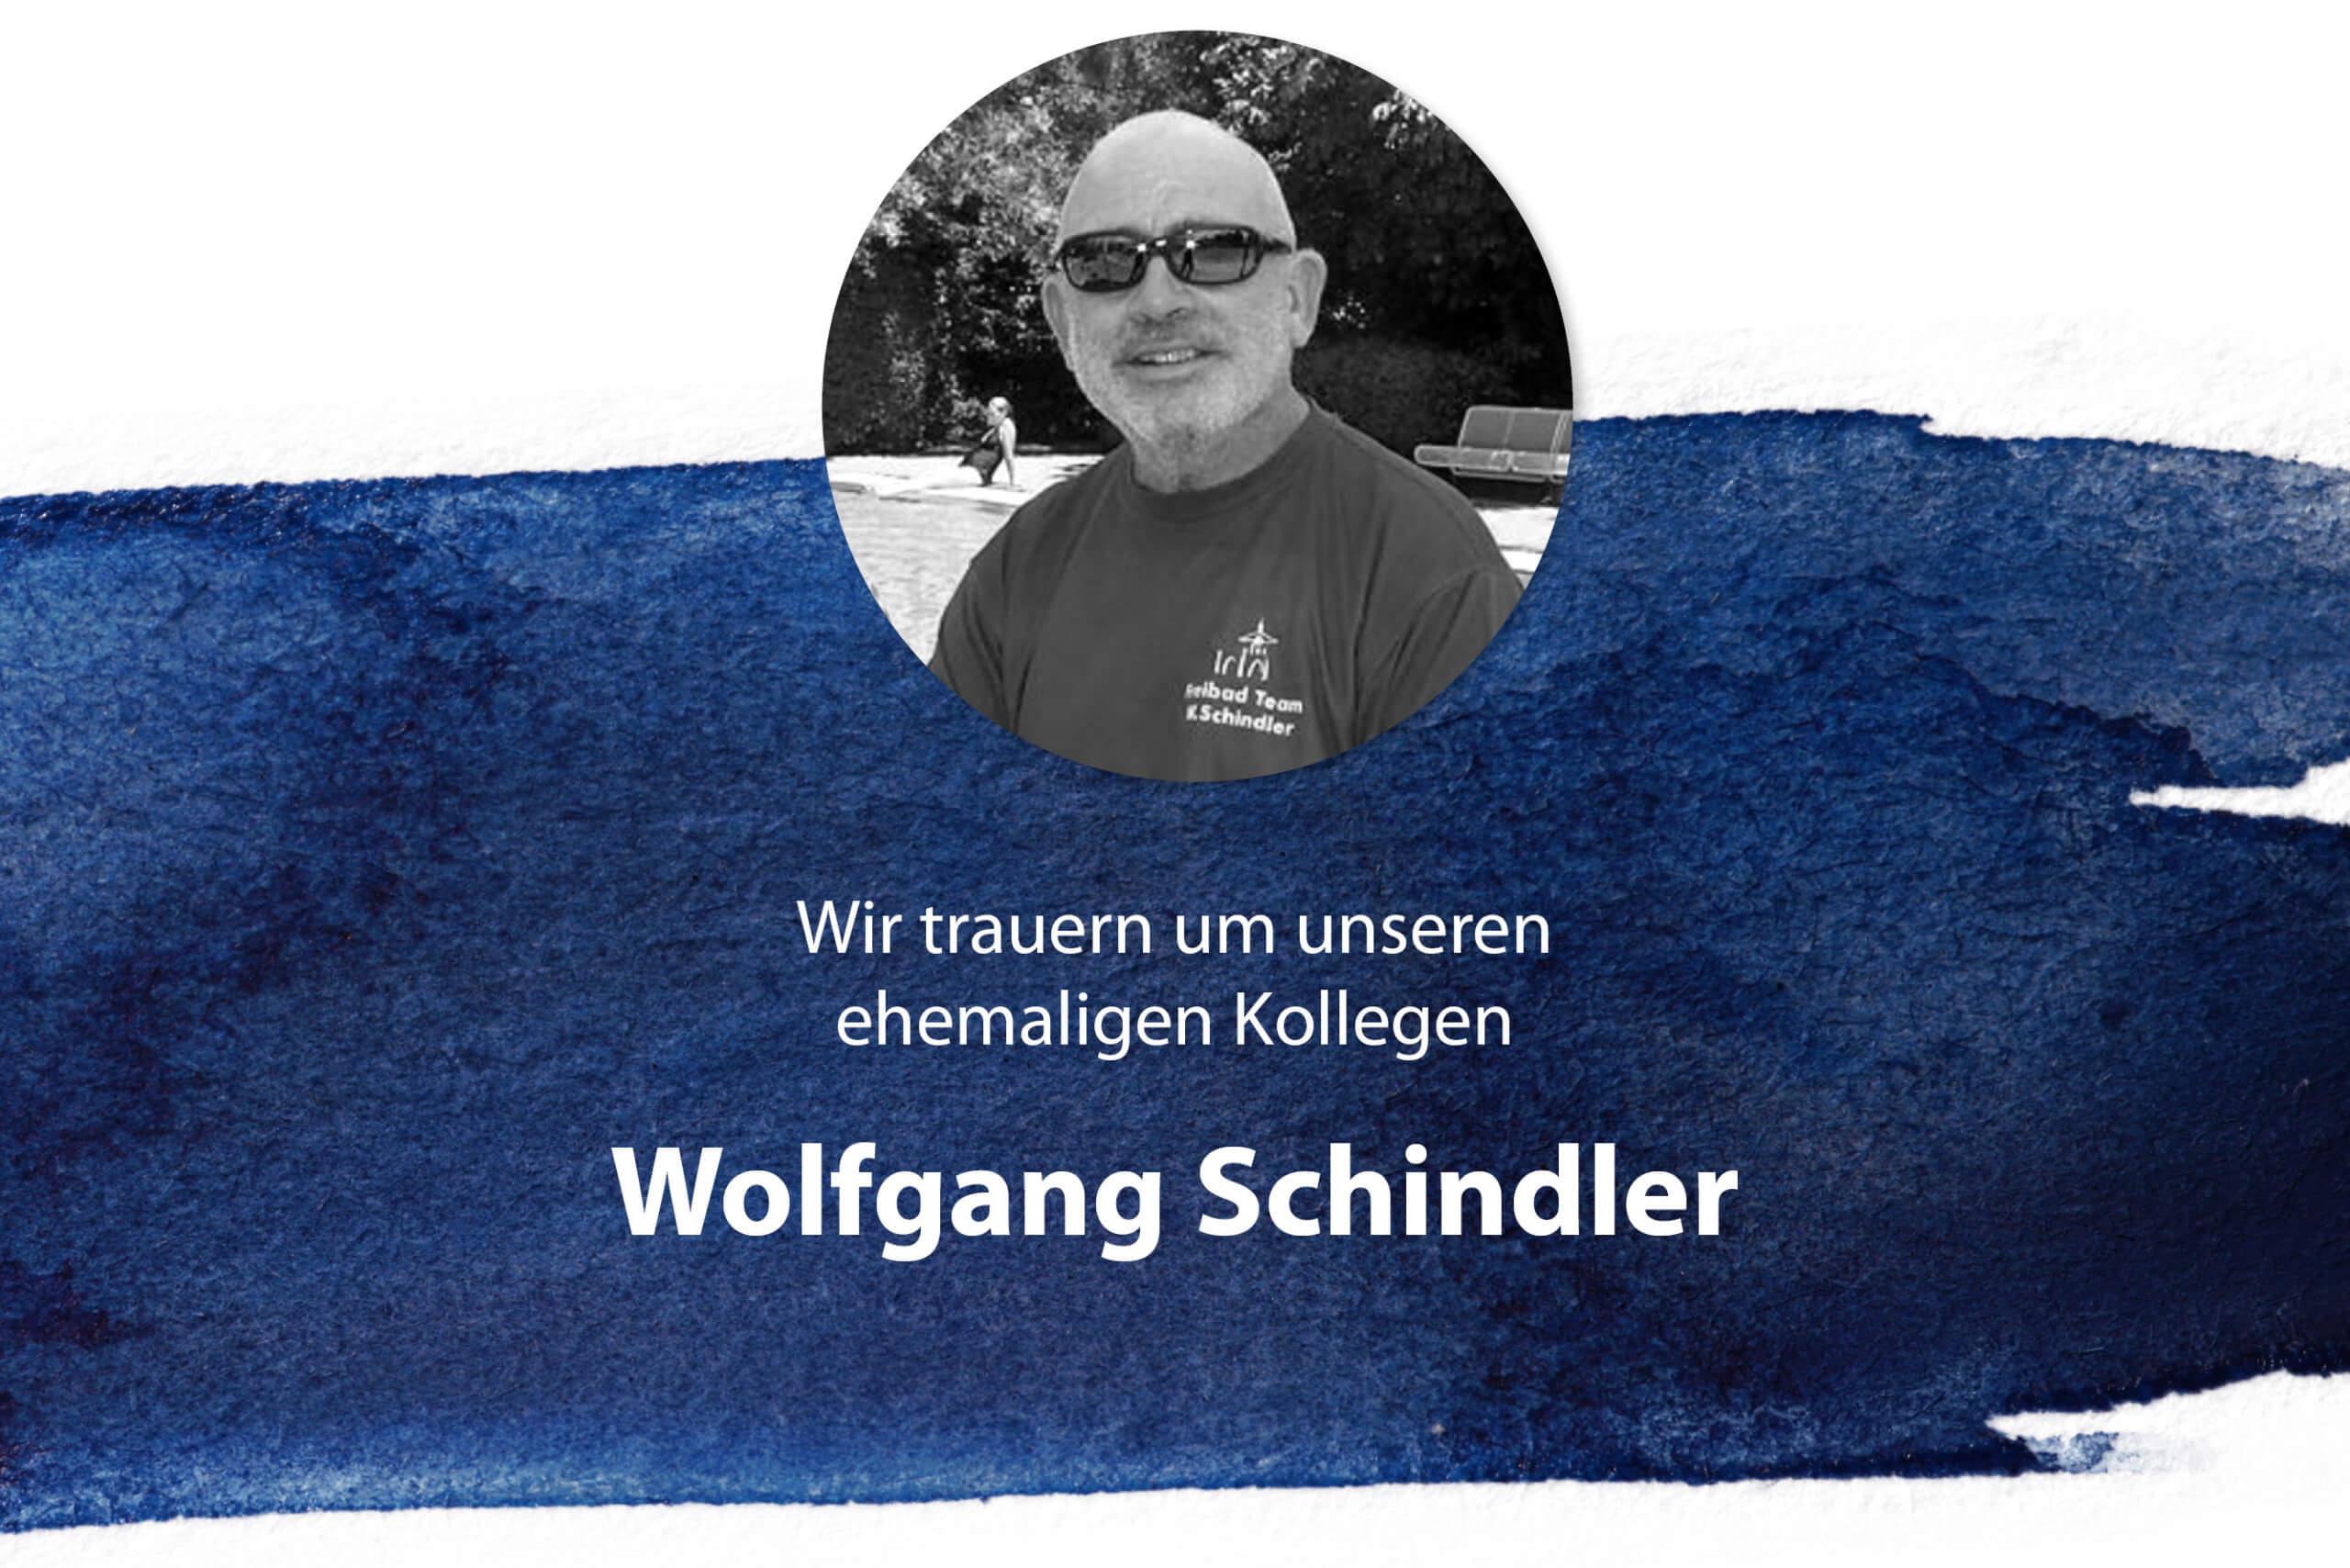 Traueranzeige für unseren verstorbenen Kollegen Wolfgang Schindler